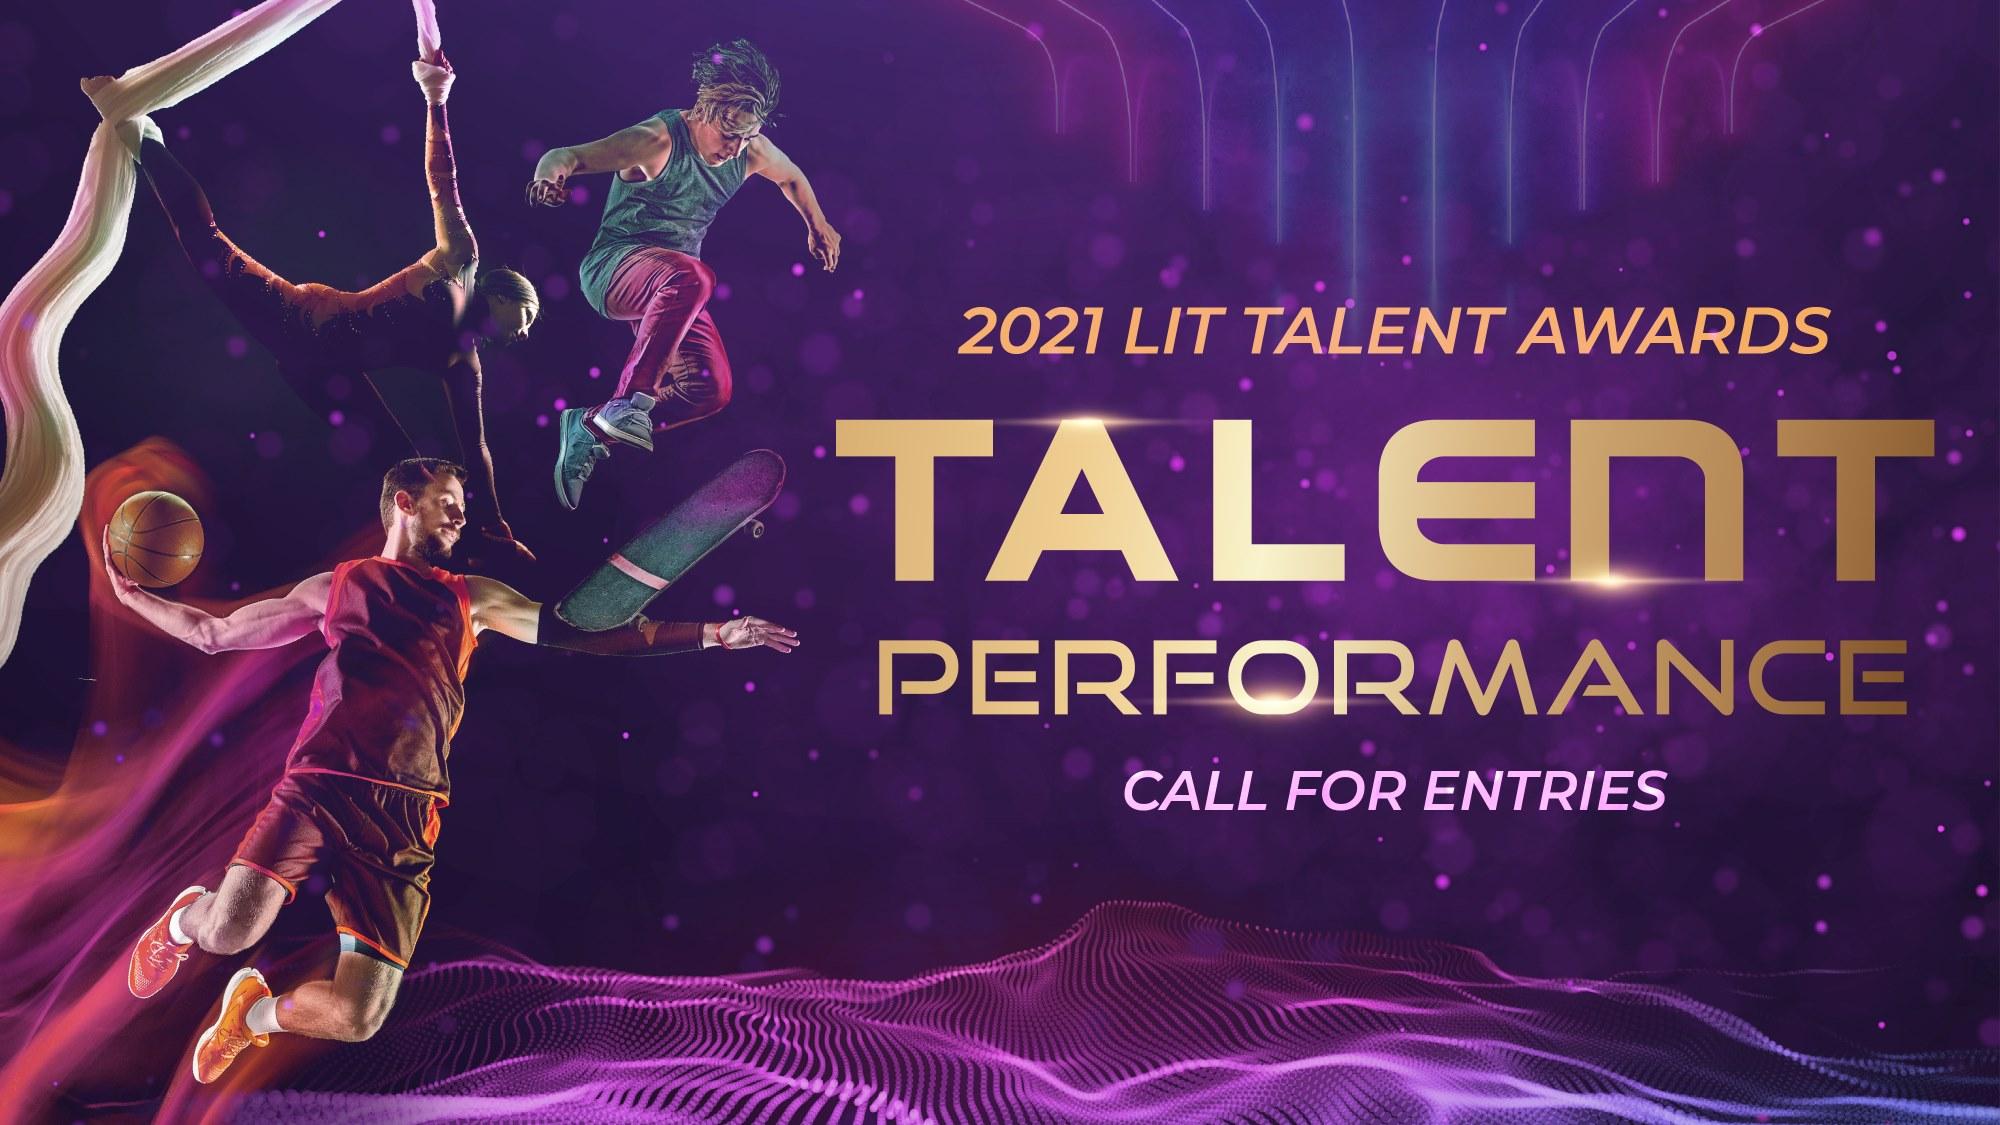 LIT Talent Awards | Talent Performance